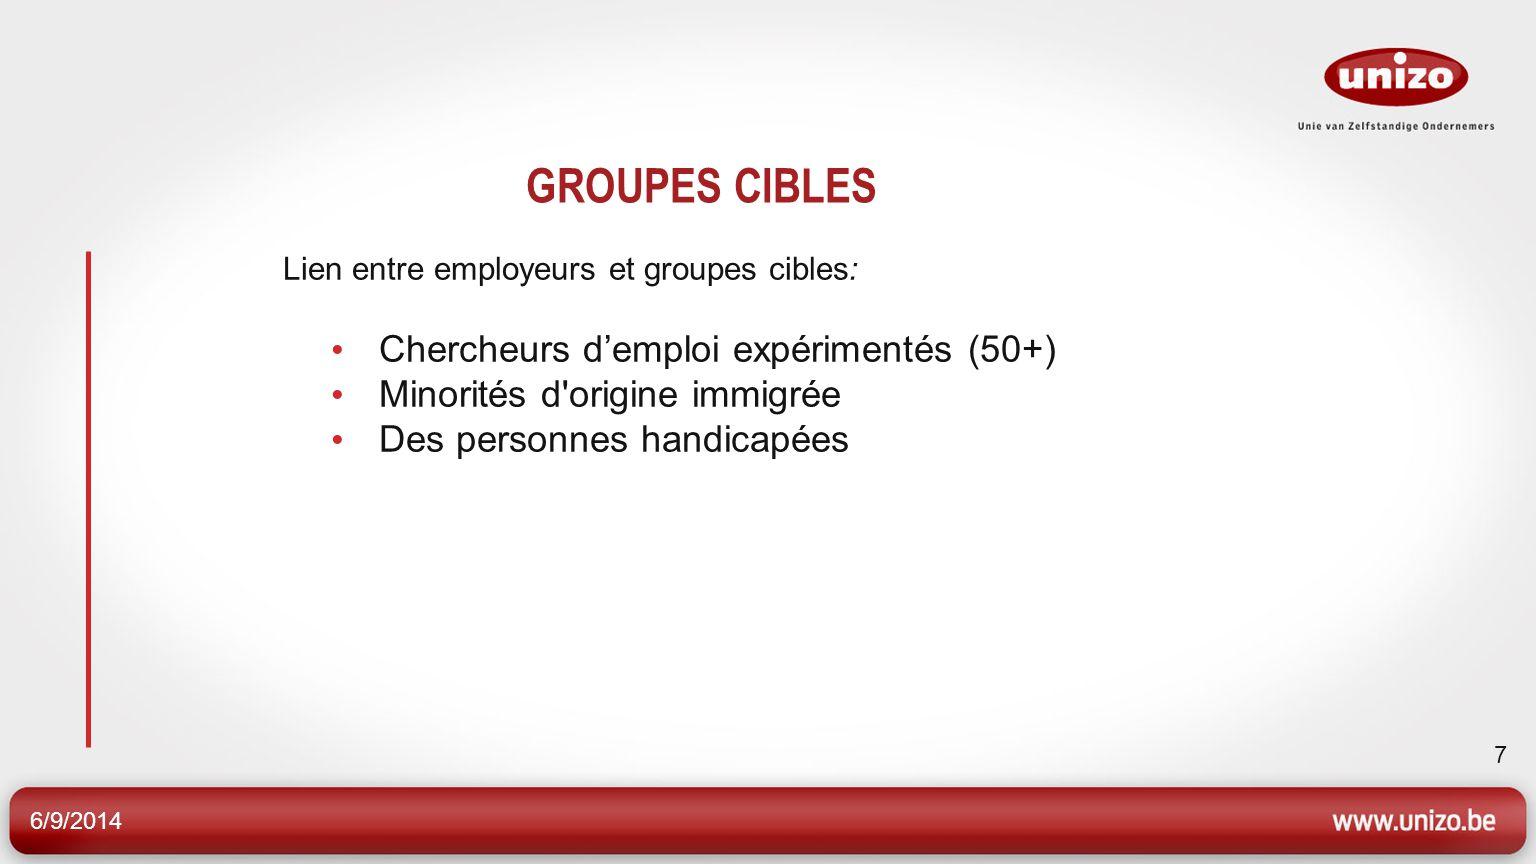 6/9/2014 7 GROUPES CIBLES Lien entre employeurs et groupes cibles: Chercheurs demploi expérimentés (50+) Minorités d origine immigrée Des personnes handicapées